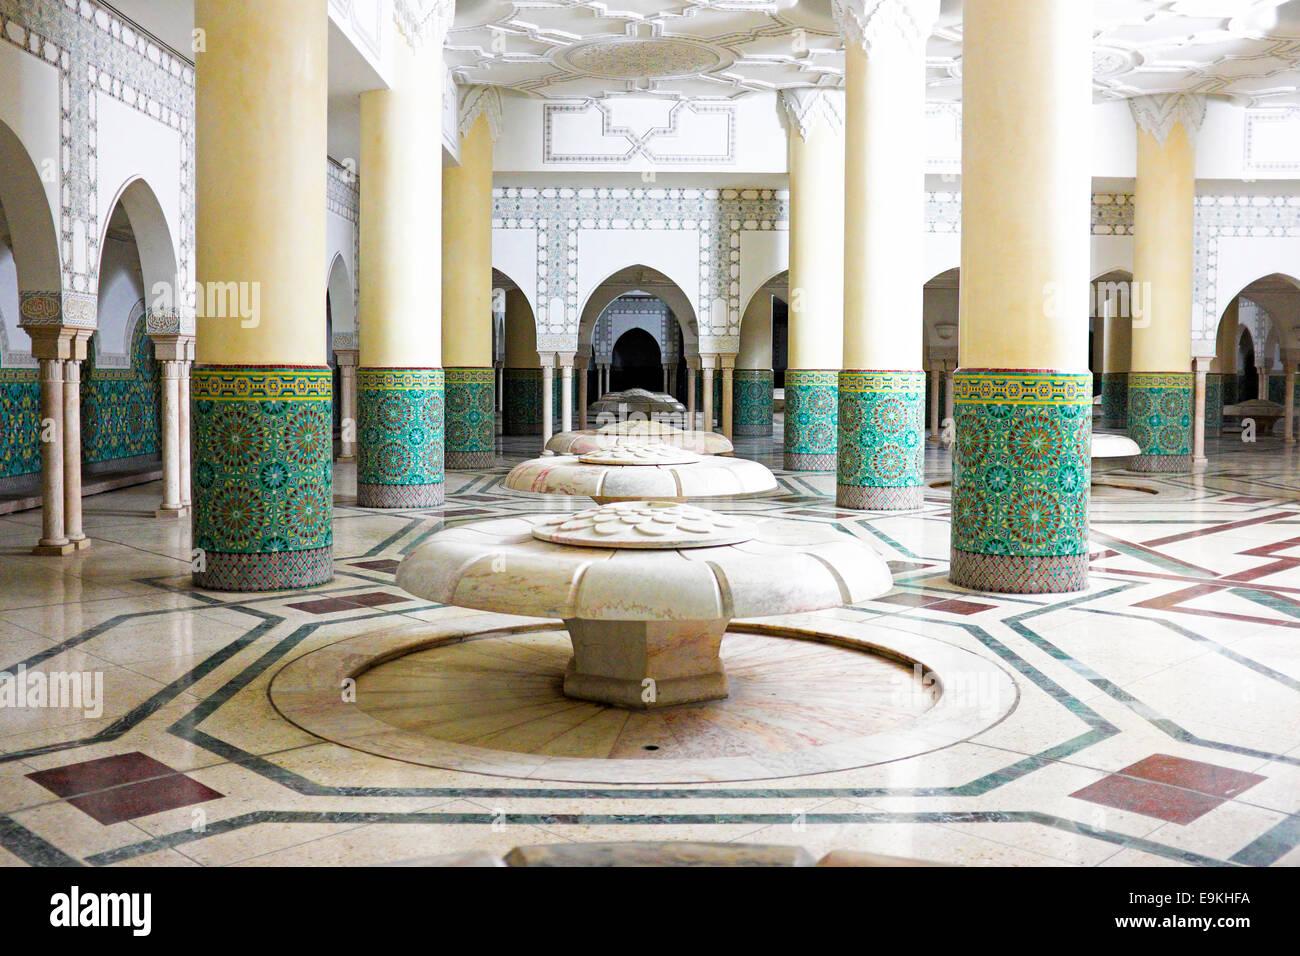 Archi interni e piastrelle a mosaico opera di hammam bagno turco